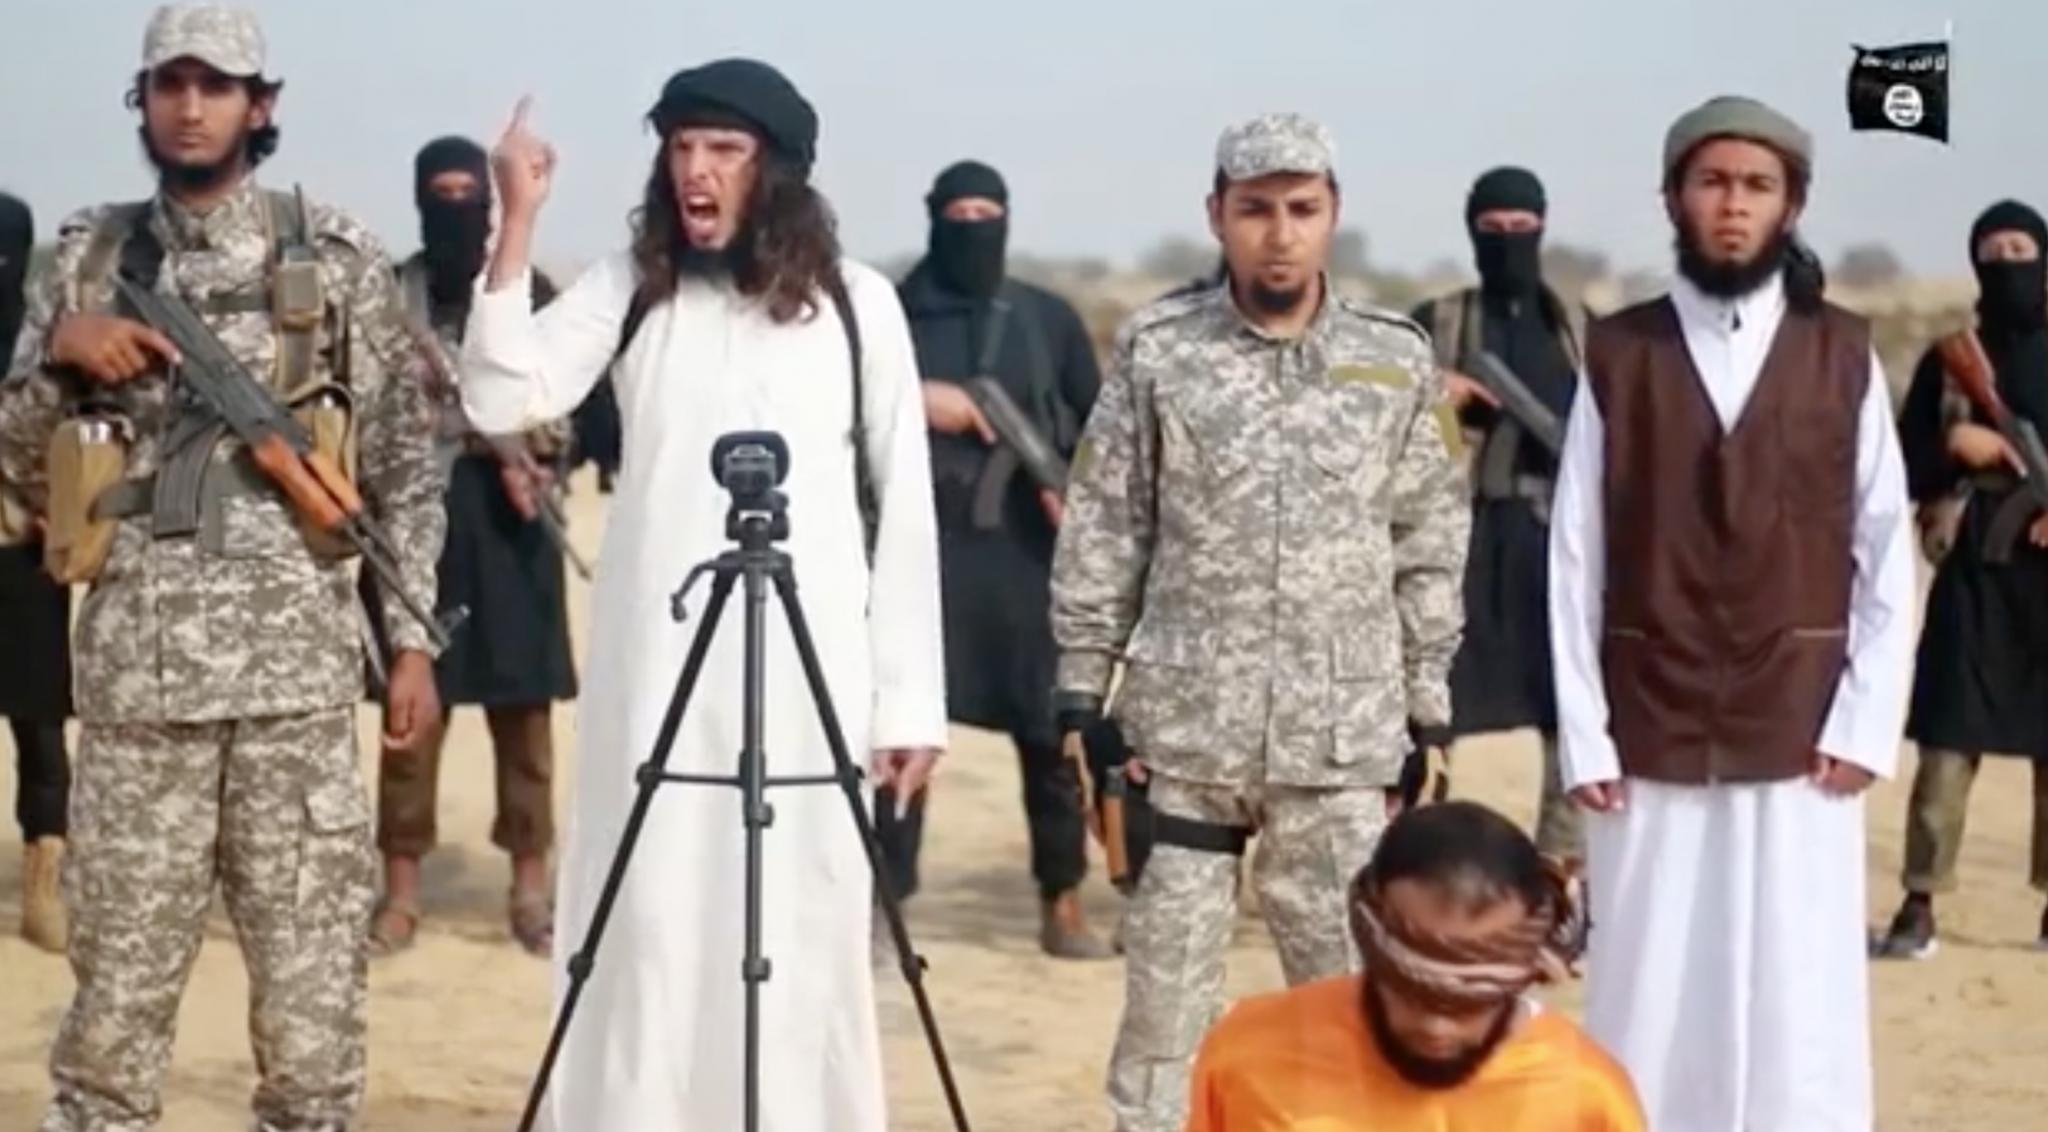 El estado islámico en Sinaí declara la guerra contra Hamas en espantoso vídeo de ejecución